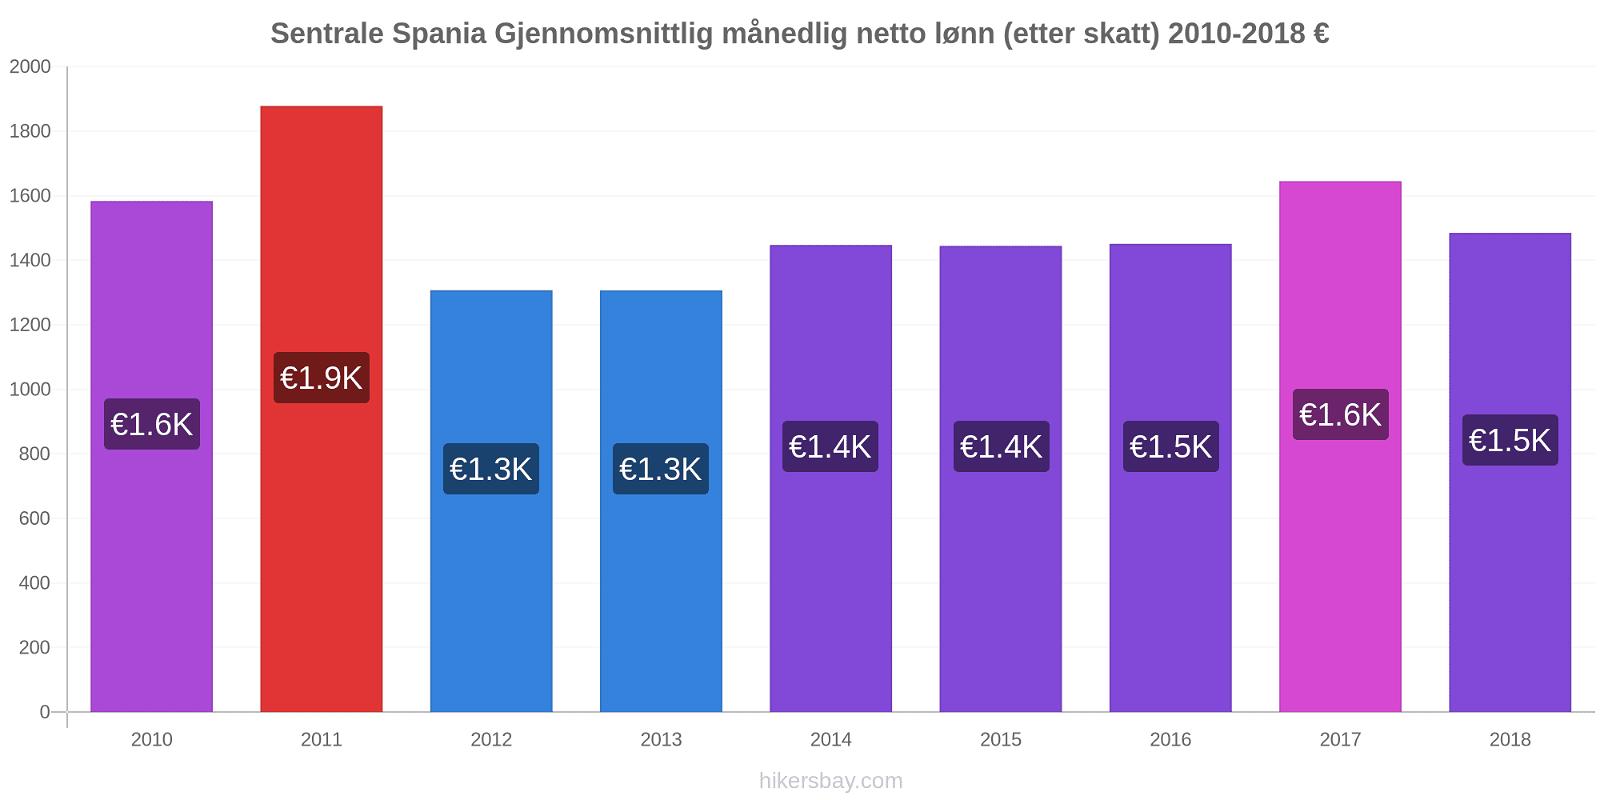 Sentrale Spania prisendringer Gjennomsnittlig månedlig netto lønn (etter skatt) hikersbay.com